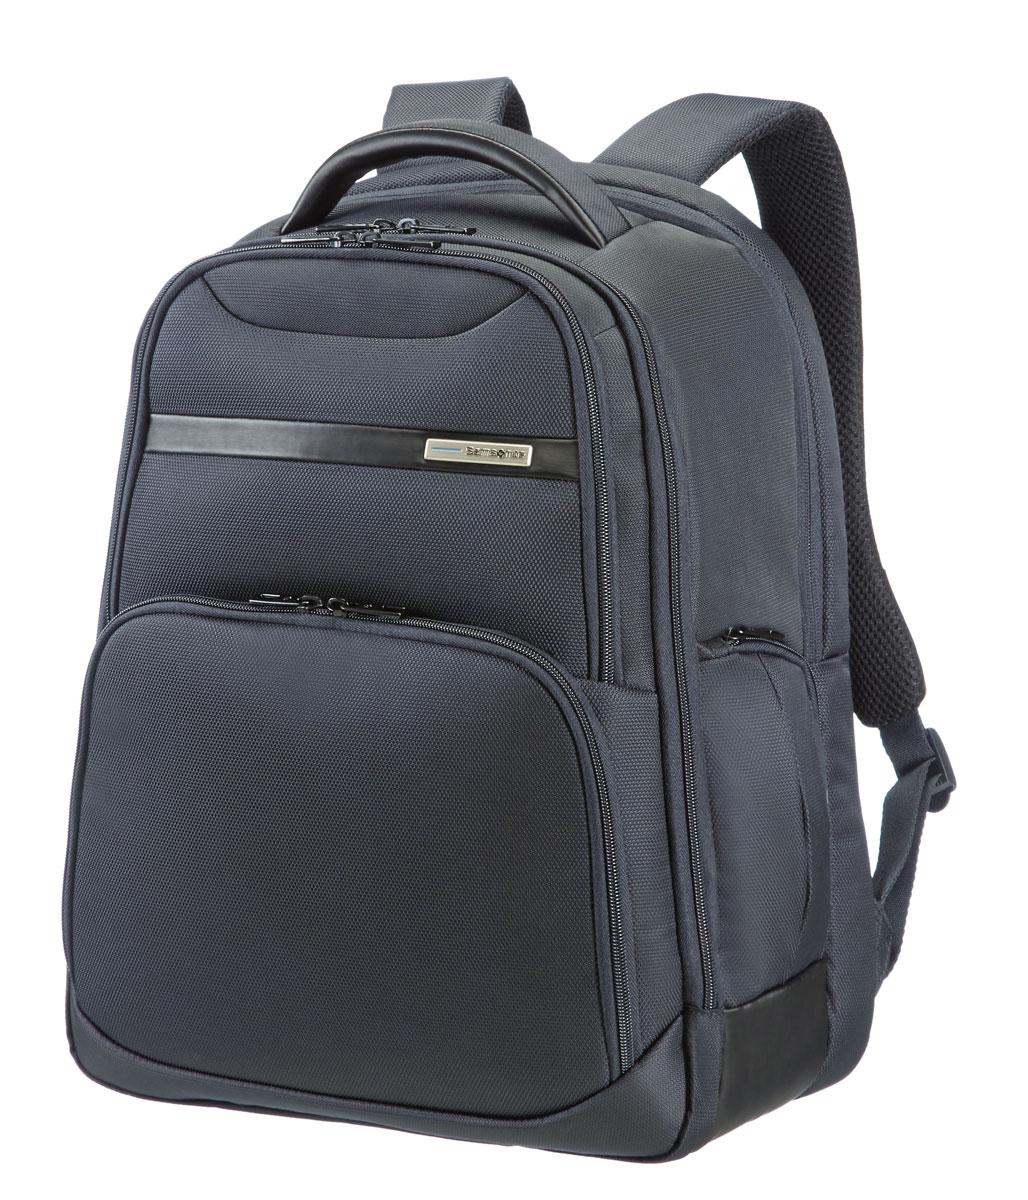 Рюкзак для ноутбука Samsonite, цвет: черный, 27 л, 33,5 х 25 х 44,5 см39V*09008Рюкзак для ноутбука Samsonite, изготовленный из полиэстера с отполированной металлической фурнитурой, является идеальным решением для пользователей ноутбуков и объединяет в себе базовую функциональность с отличным внешним видом. Рюкзак подходит также для планшетов, оснащен держателем для бутылки, карманом для мобильного телефона и отделением для ноутбука. Имеется умный карман с креплением поверх выдвижной ручки чемодана. Размер рюкзака: 33,5 х 25 х 44,5 см Объем рюкзака: 27,5 л